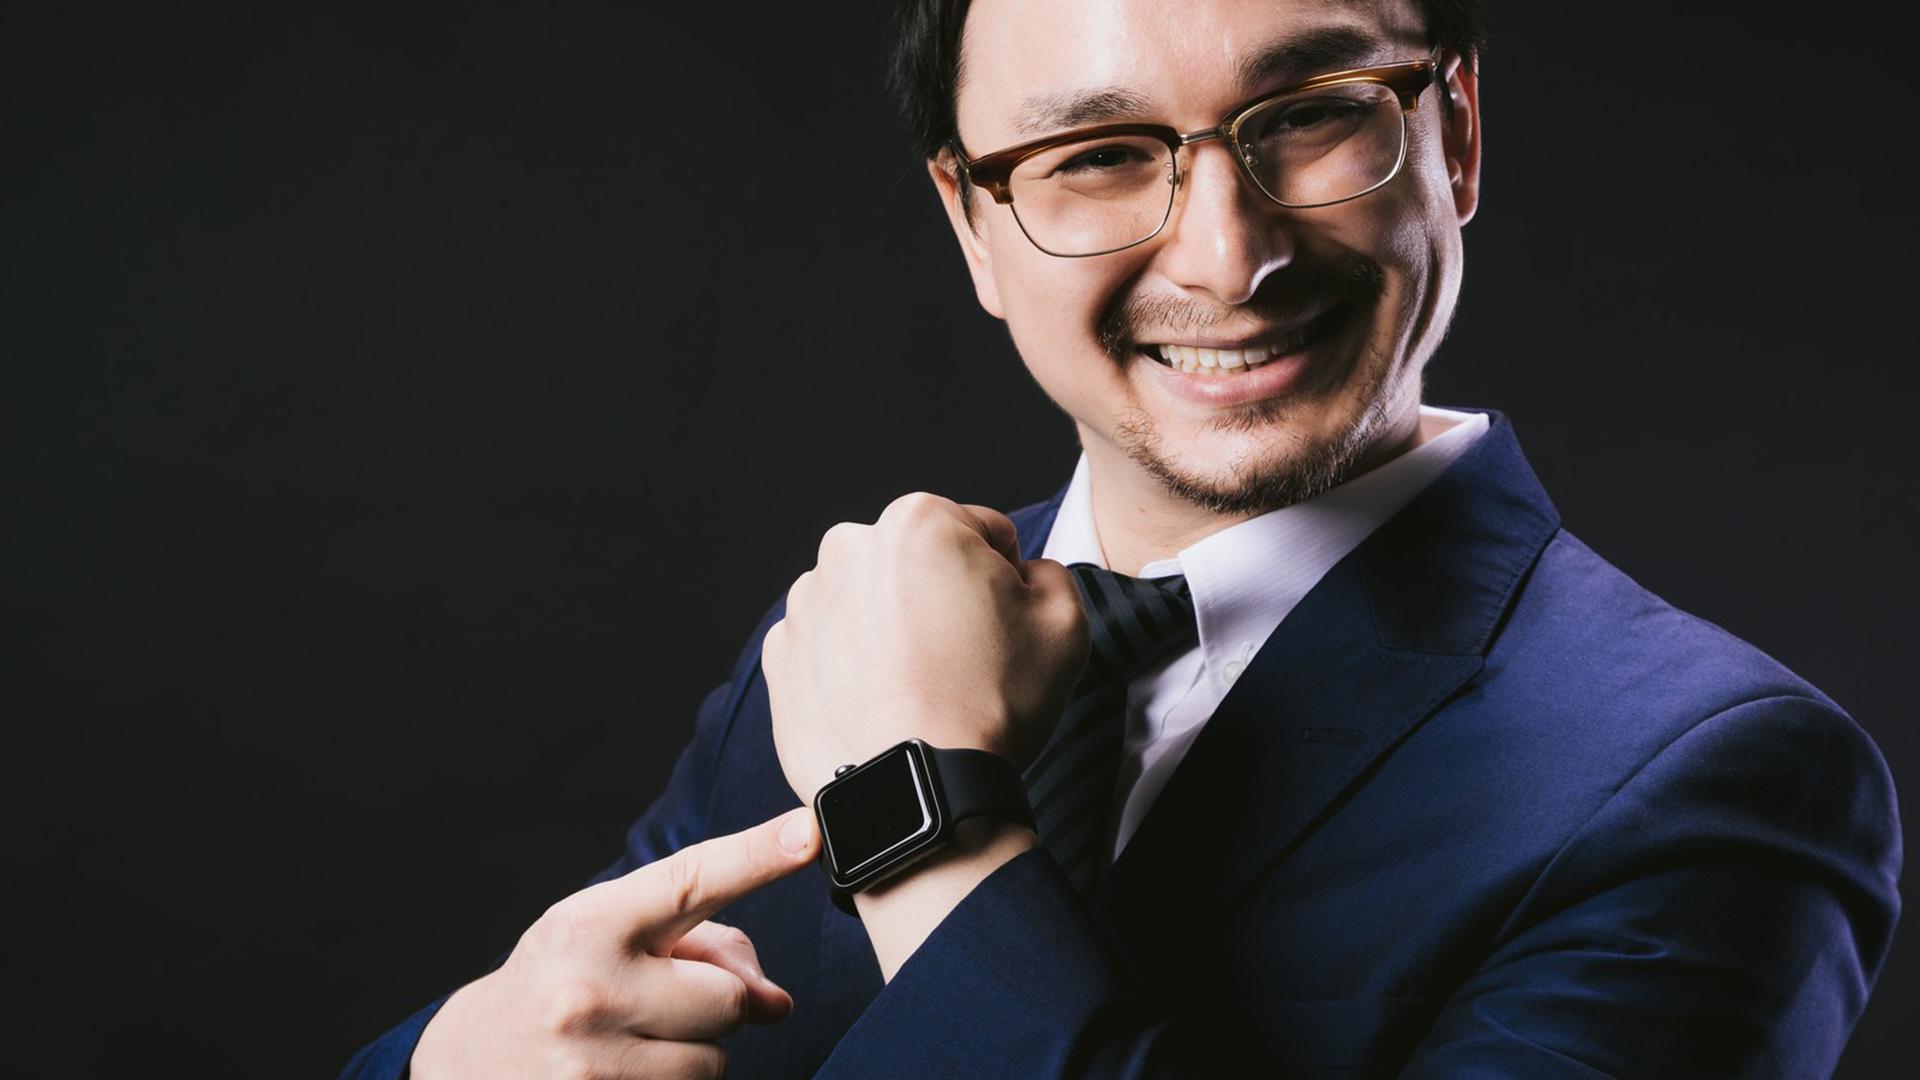 【メンズ】ダサいと思われる腕時計の特徴10選!【女性ウケ最悪】